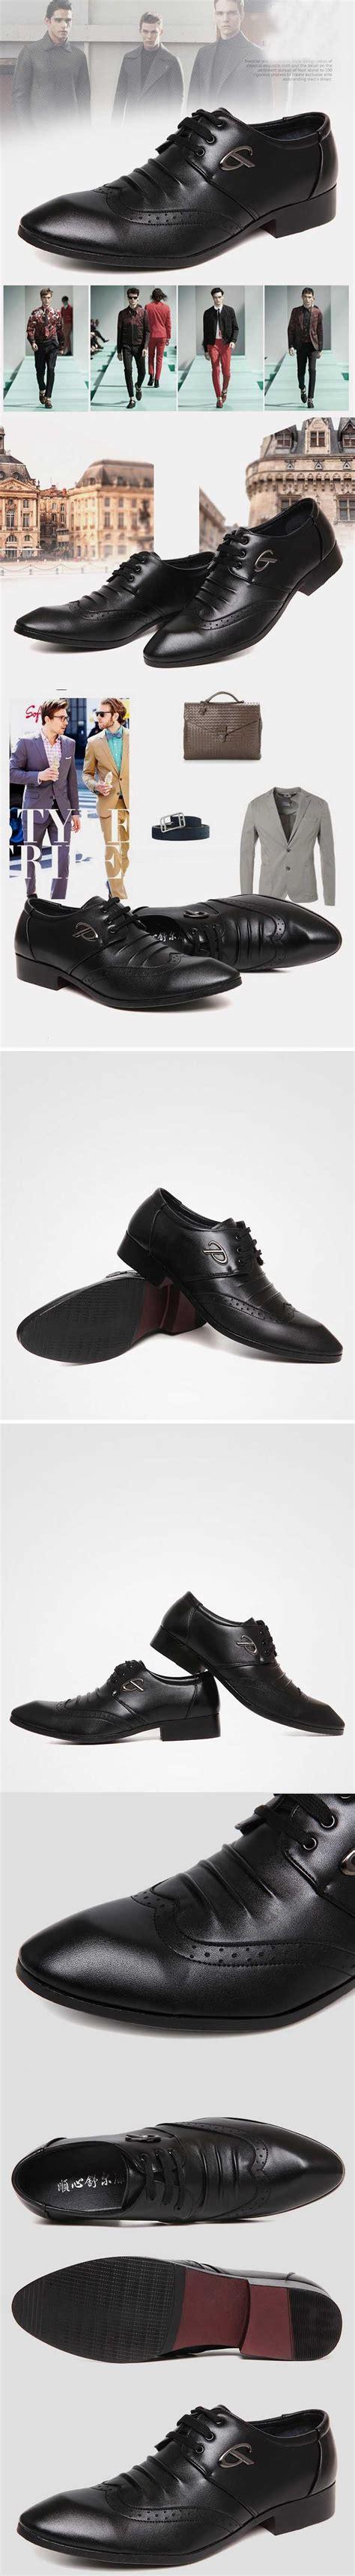 Terbaru Sepatu Pria Branded Berkualitas Navara jual sepatu kulit pria